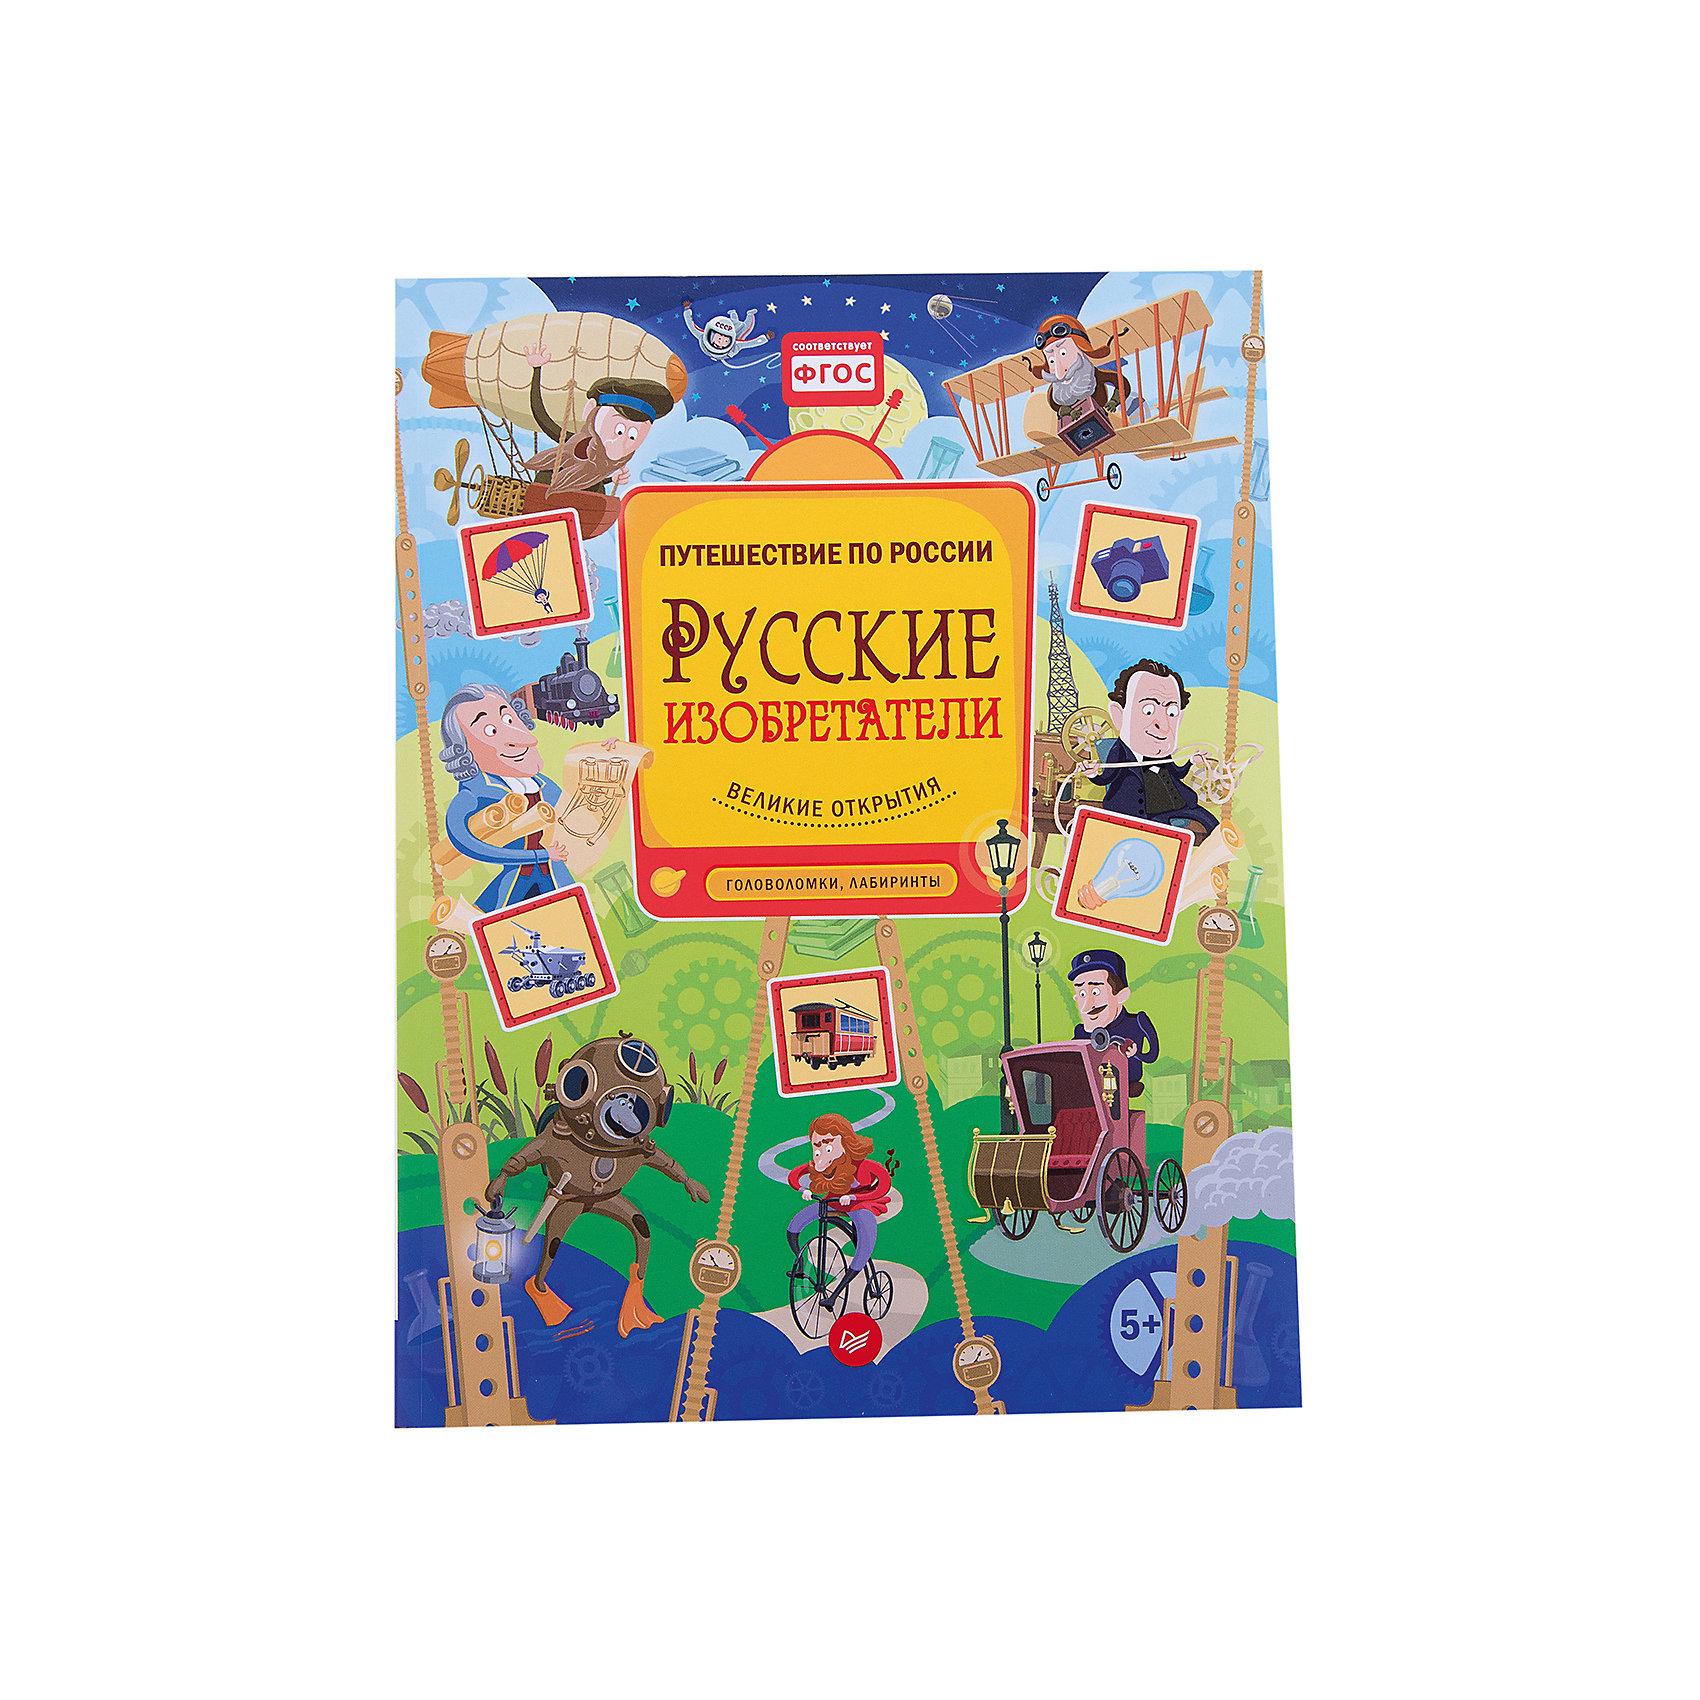 ПИТЕР Книга с заданиями Русские изобретатели книги питер русские изобретатели головоломки лабиринты 5